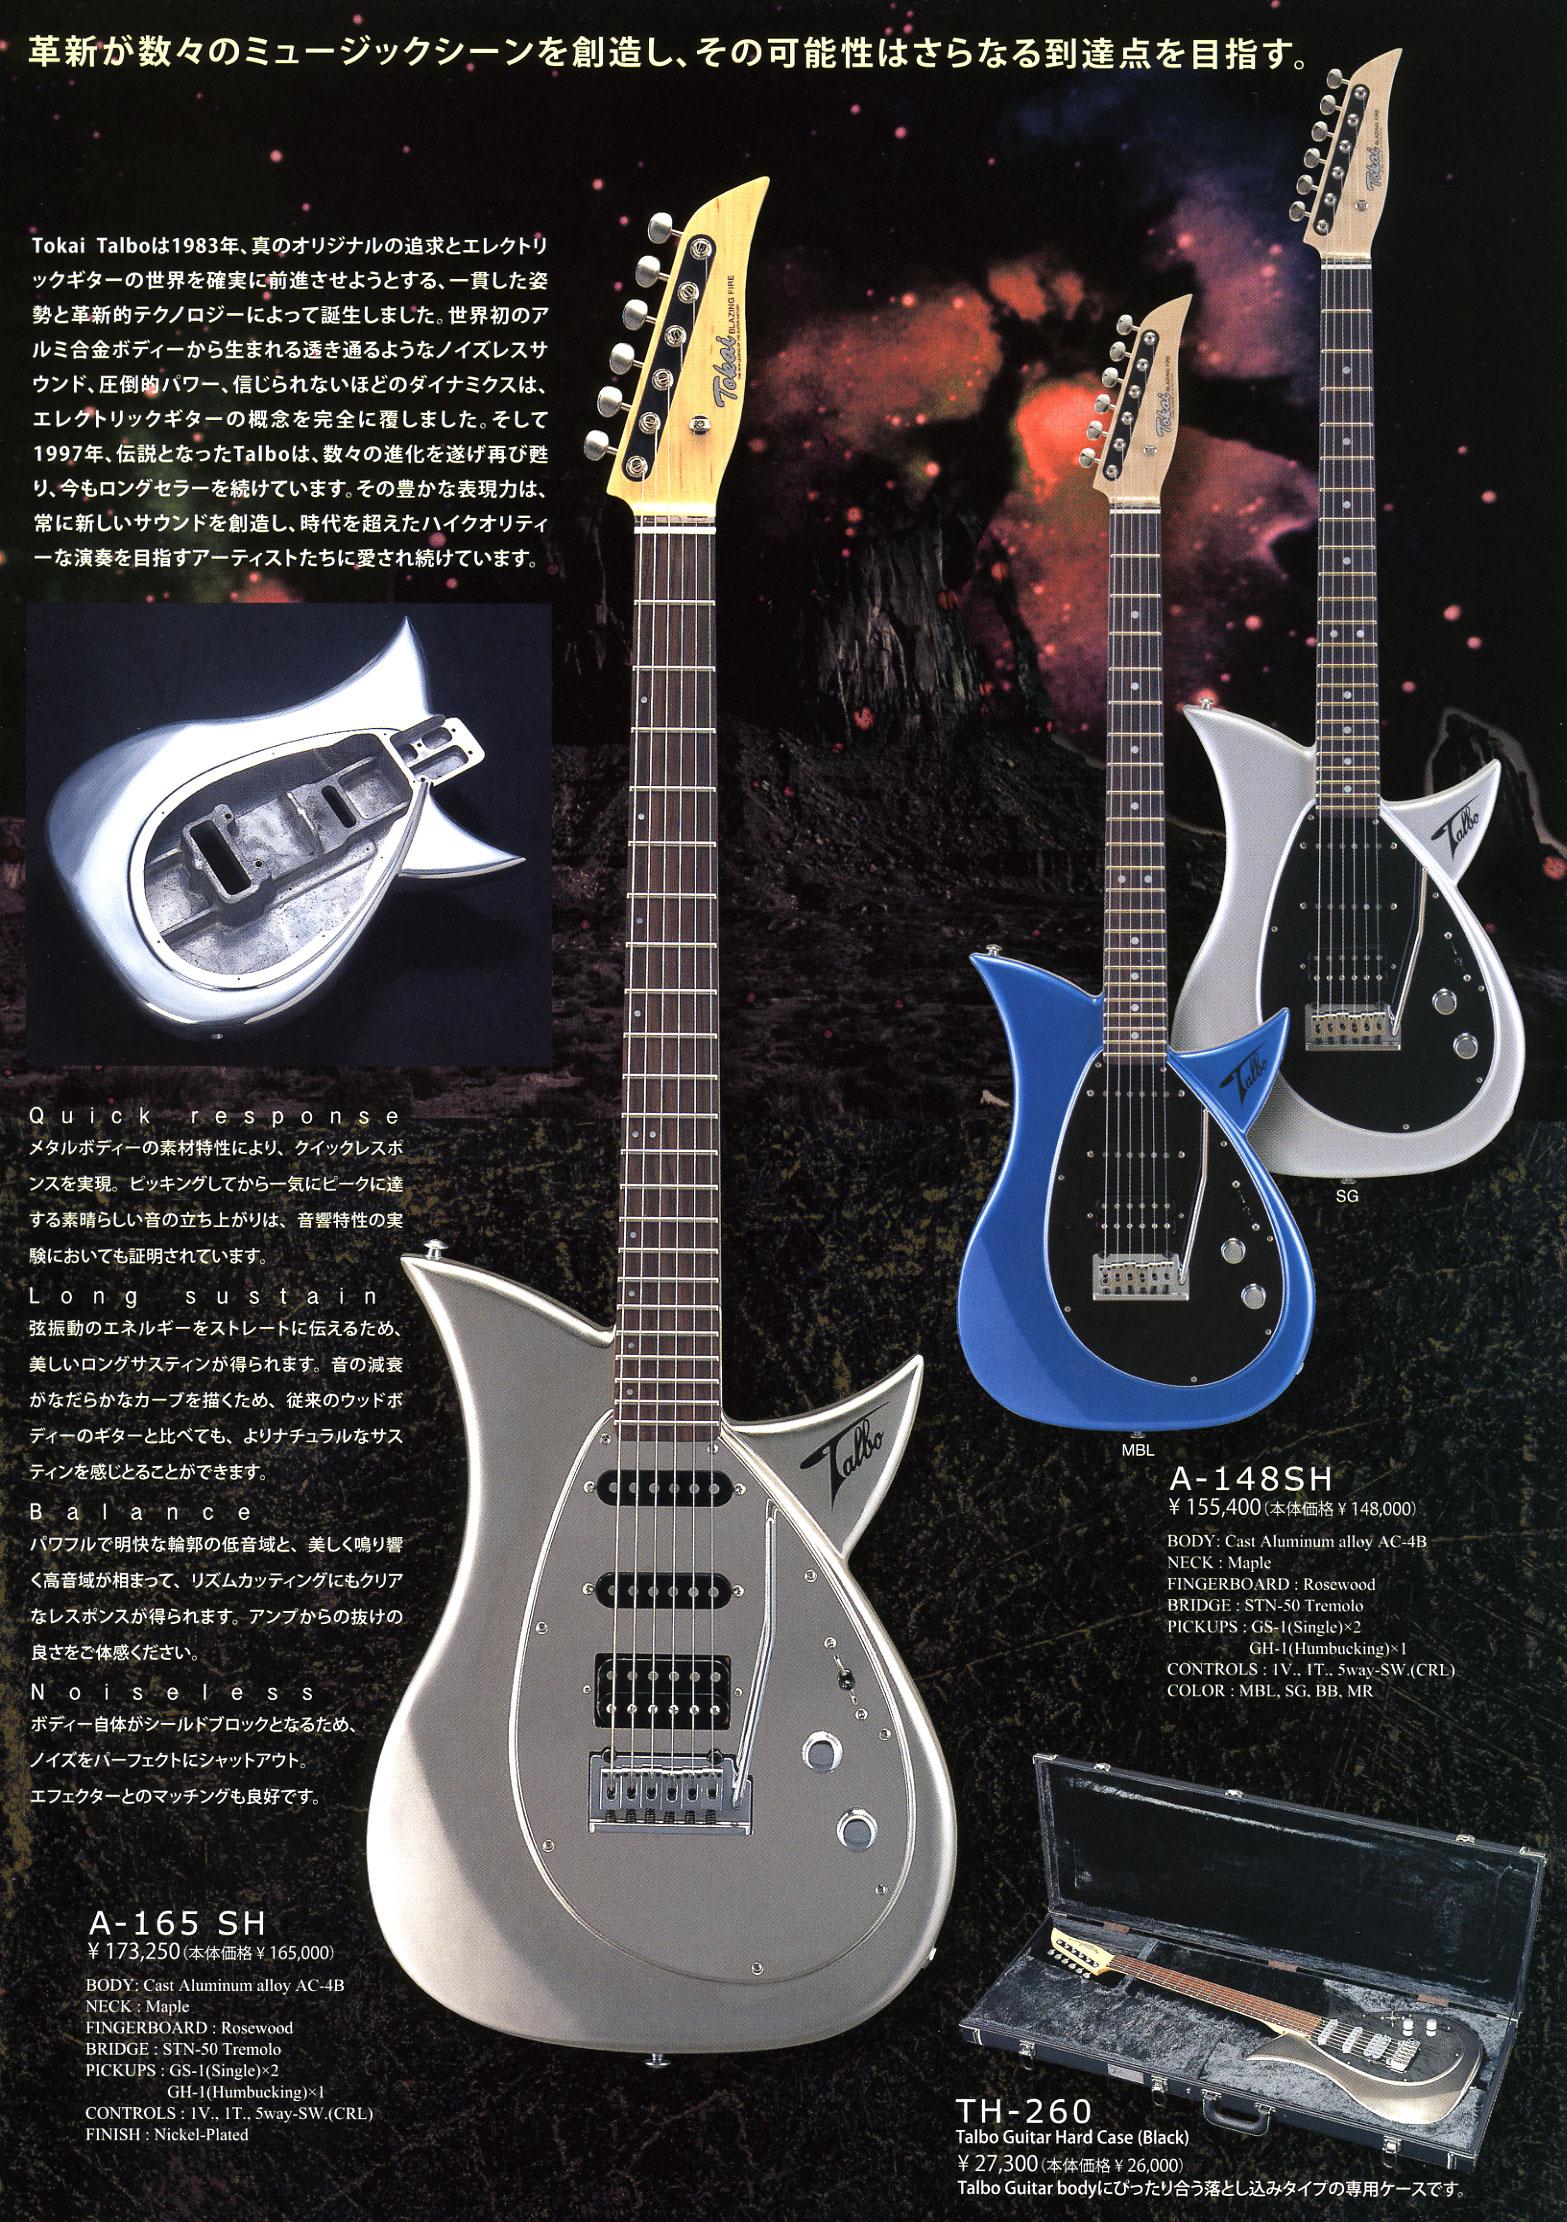 トーカイギターはすべて送料 ...